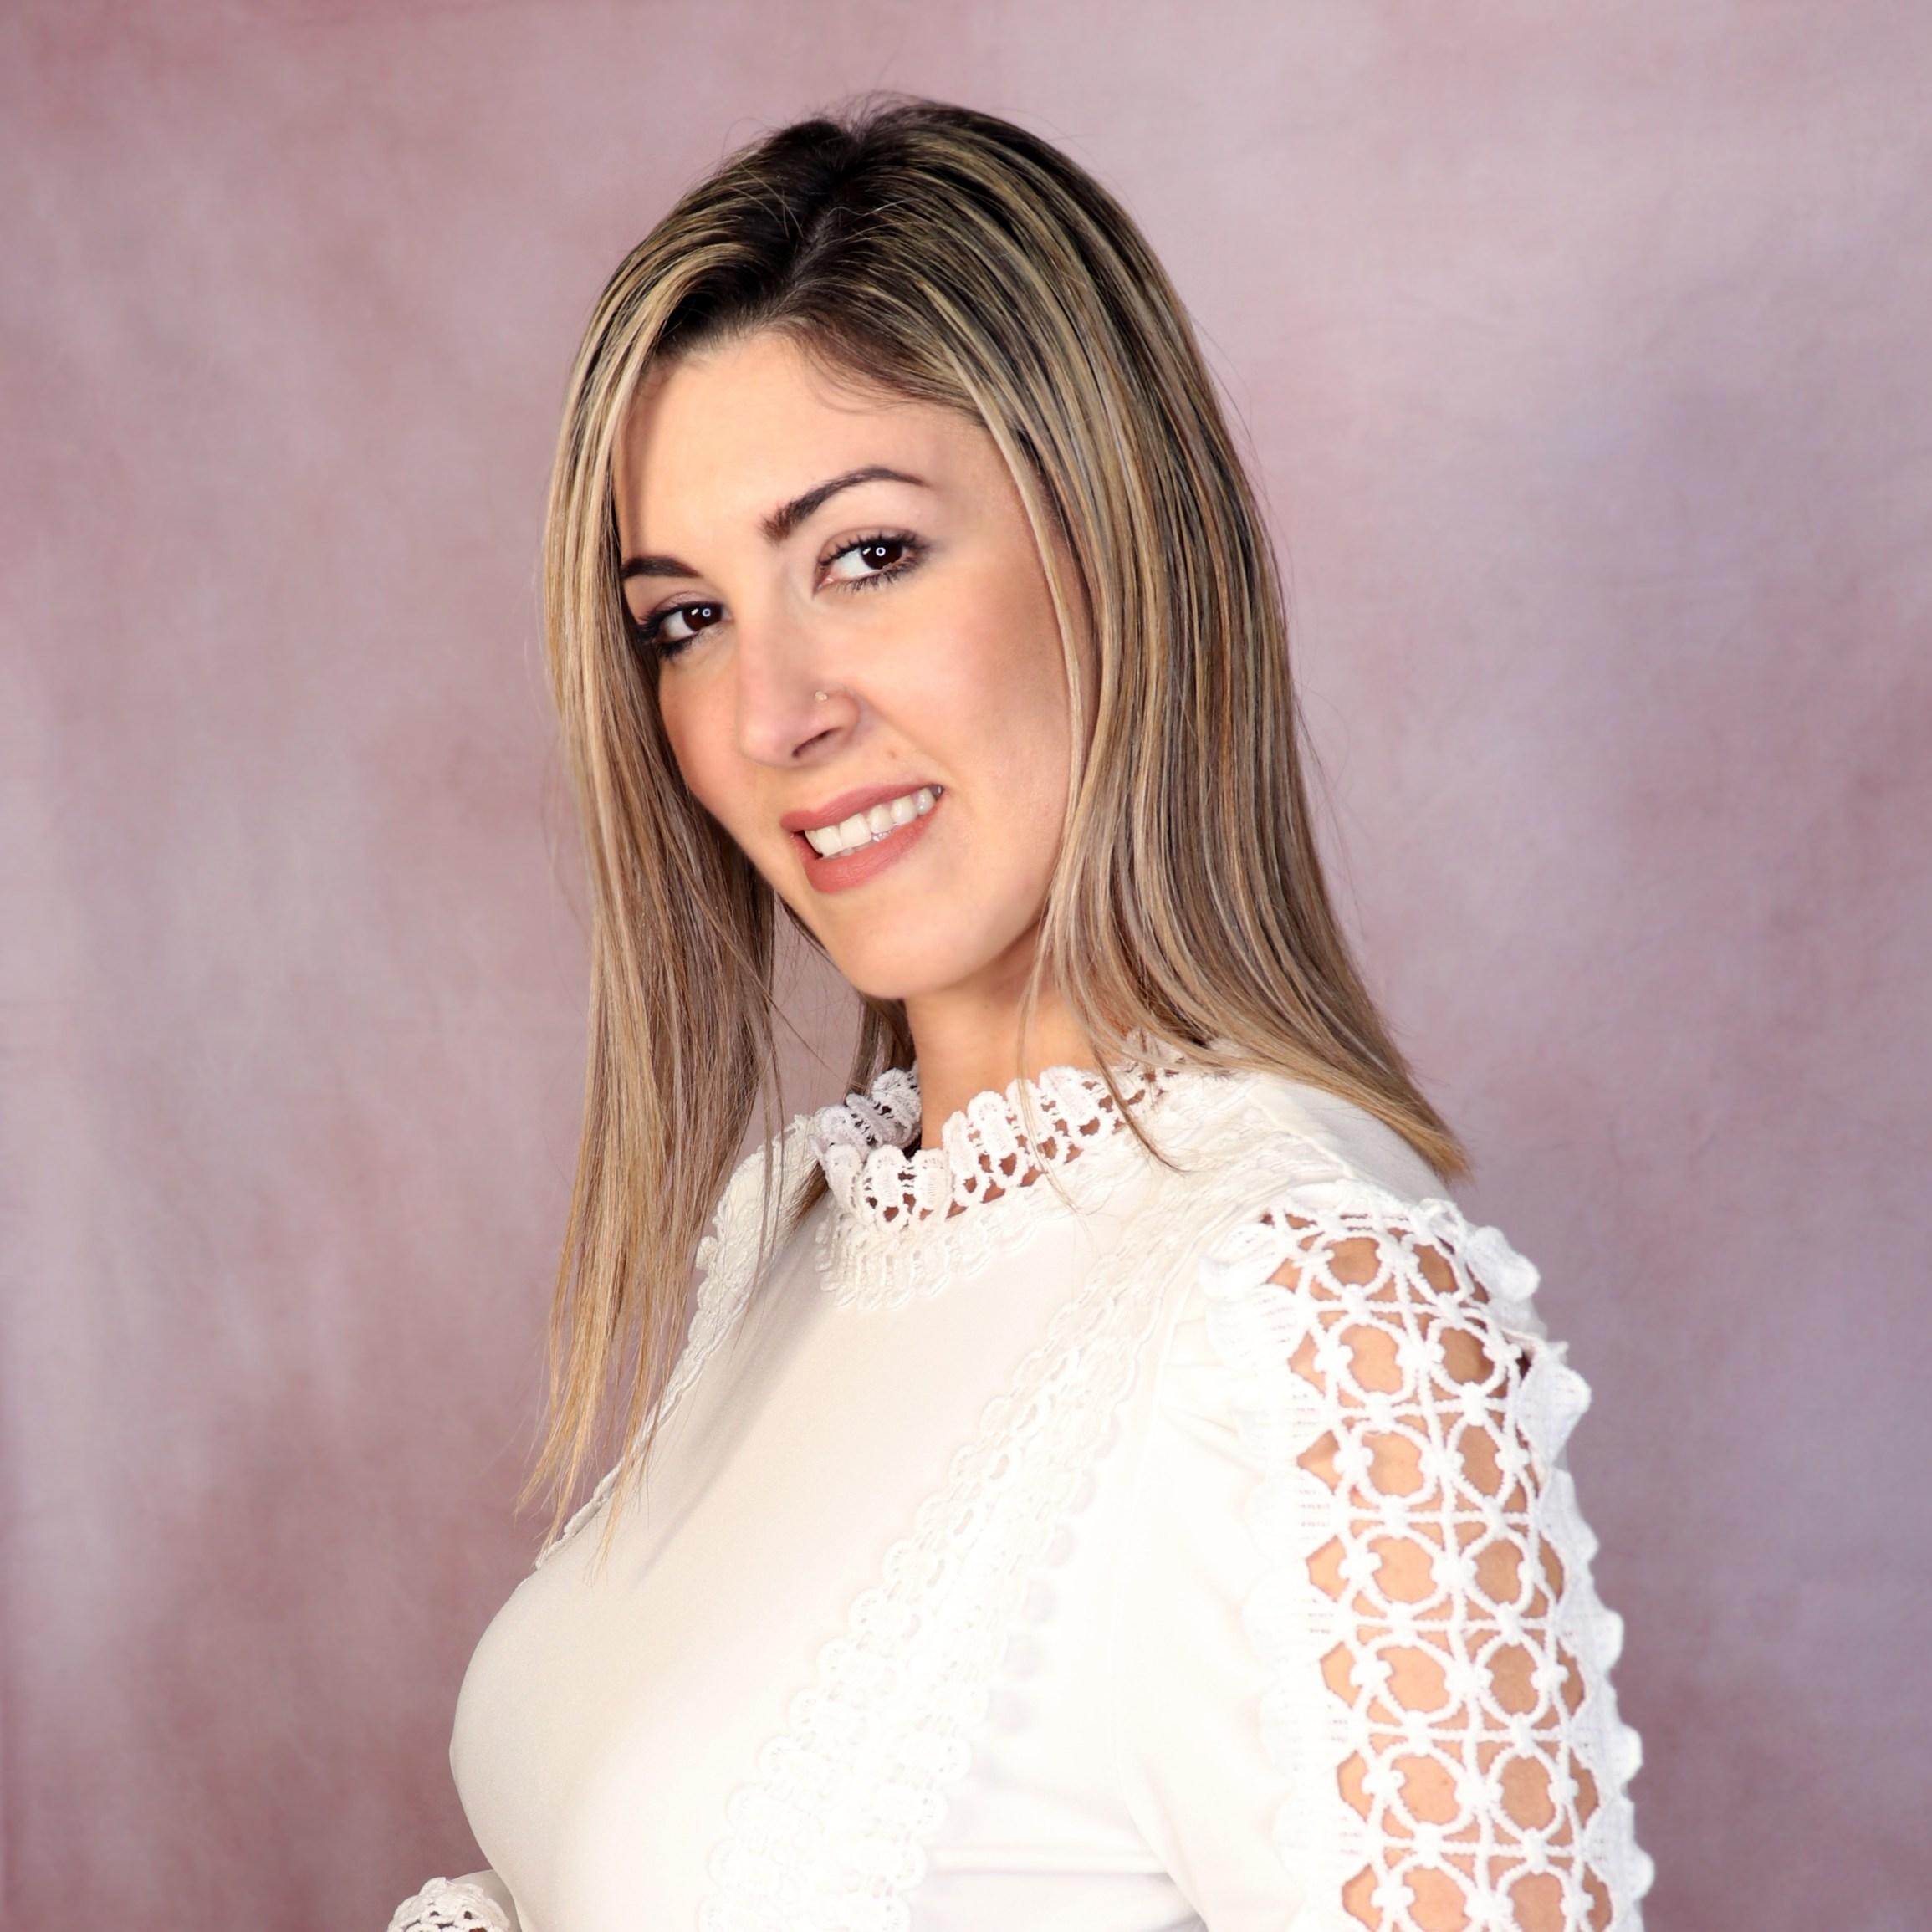 Elizabeth Armengol